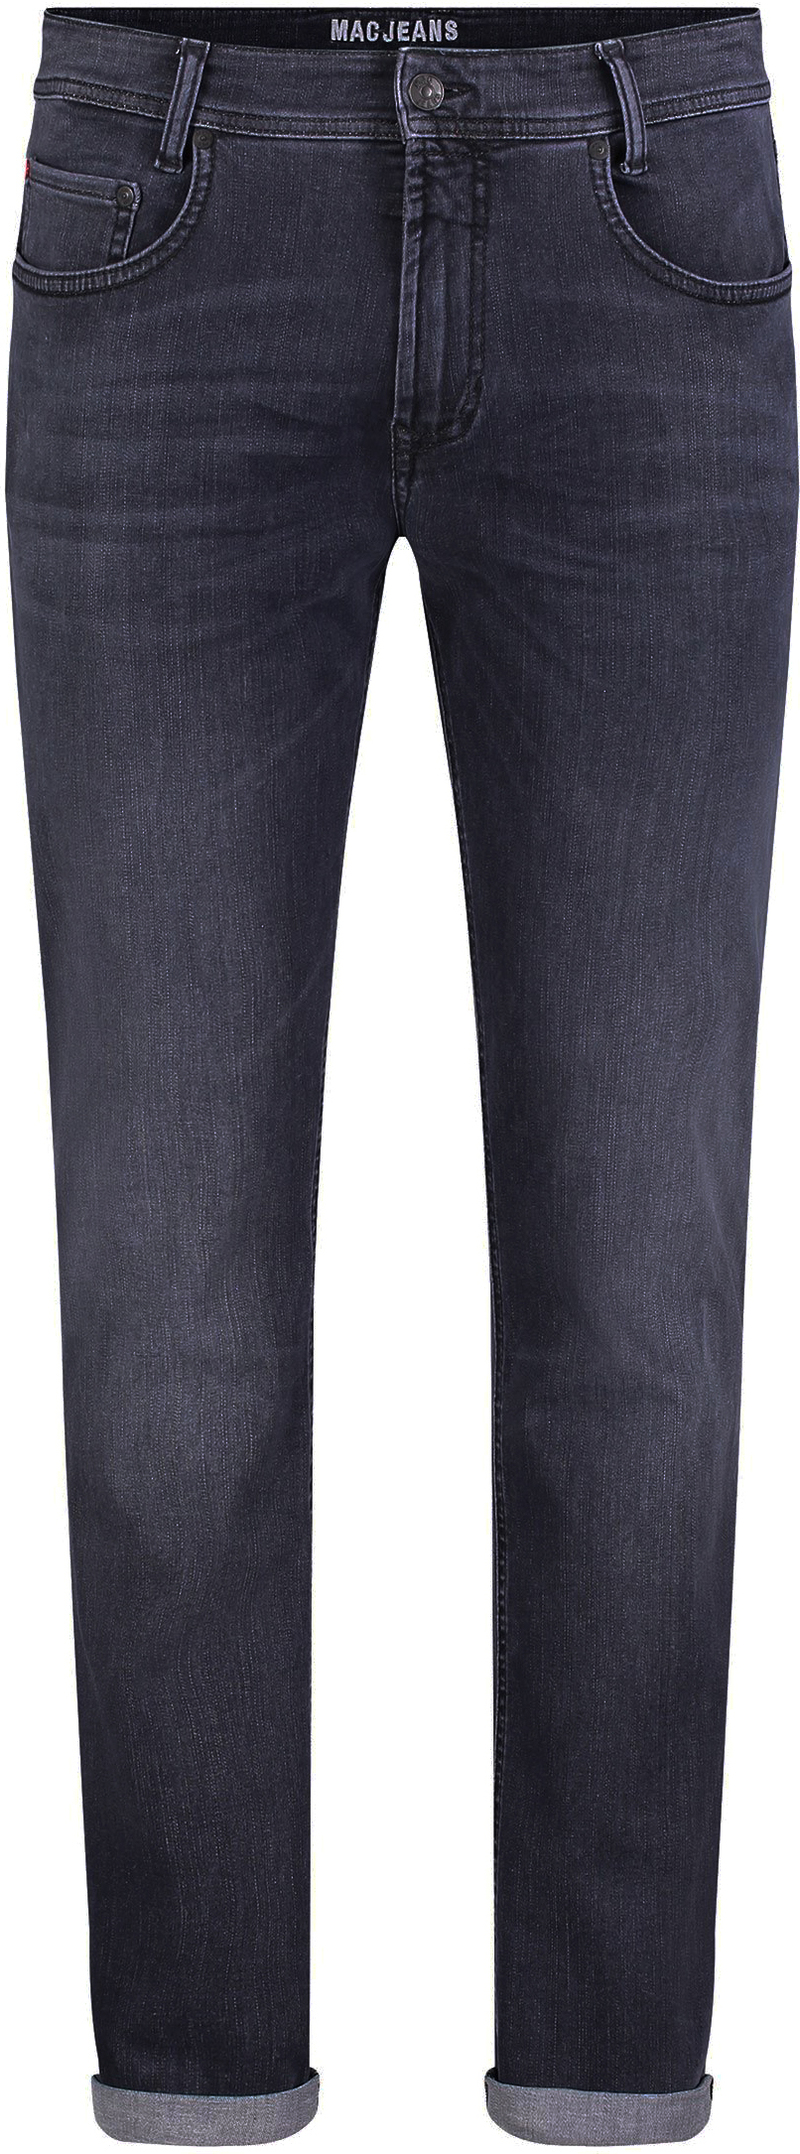 Mac Jeans Arne Pipe Flexx Superstretch H849 photo 0